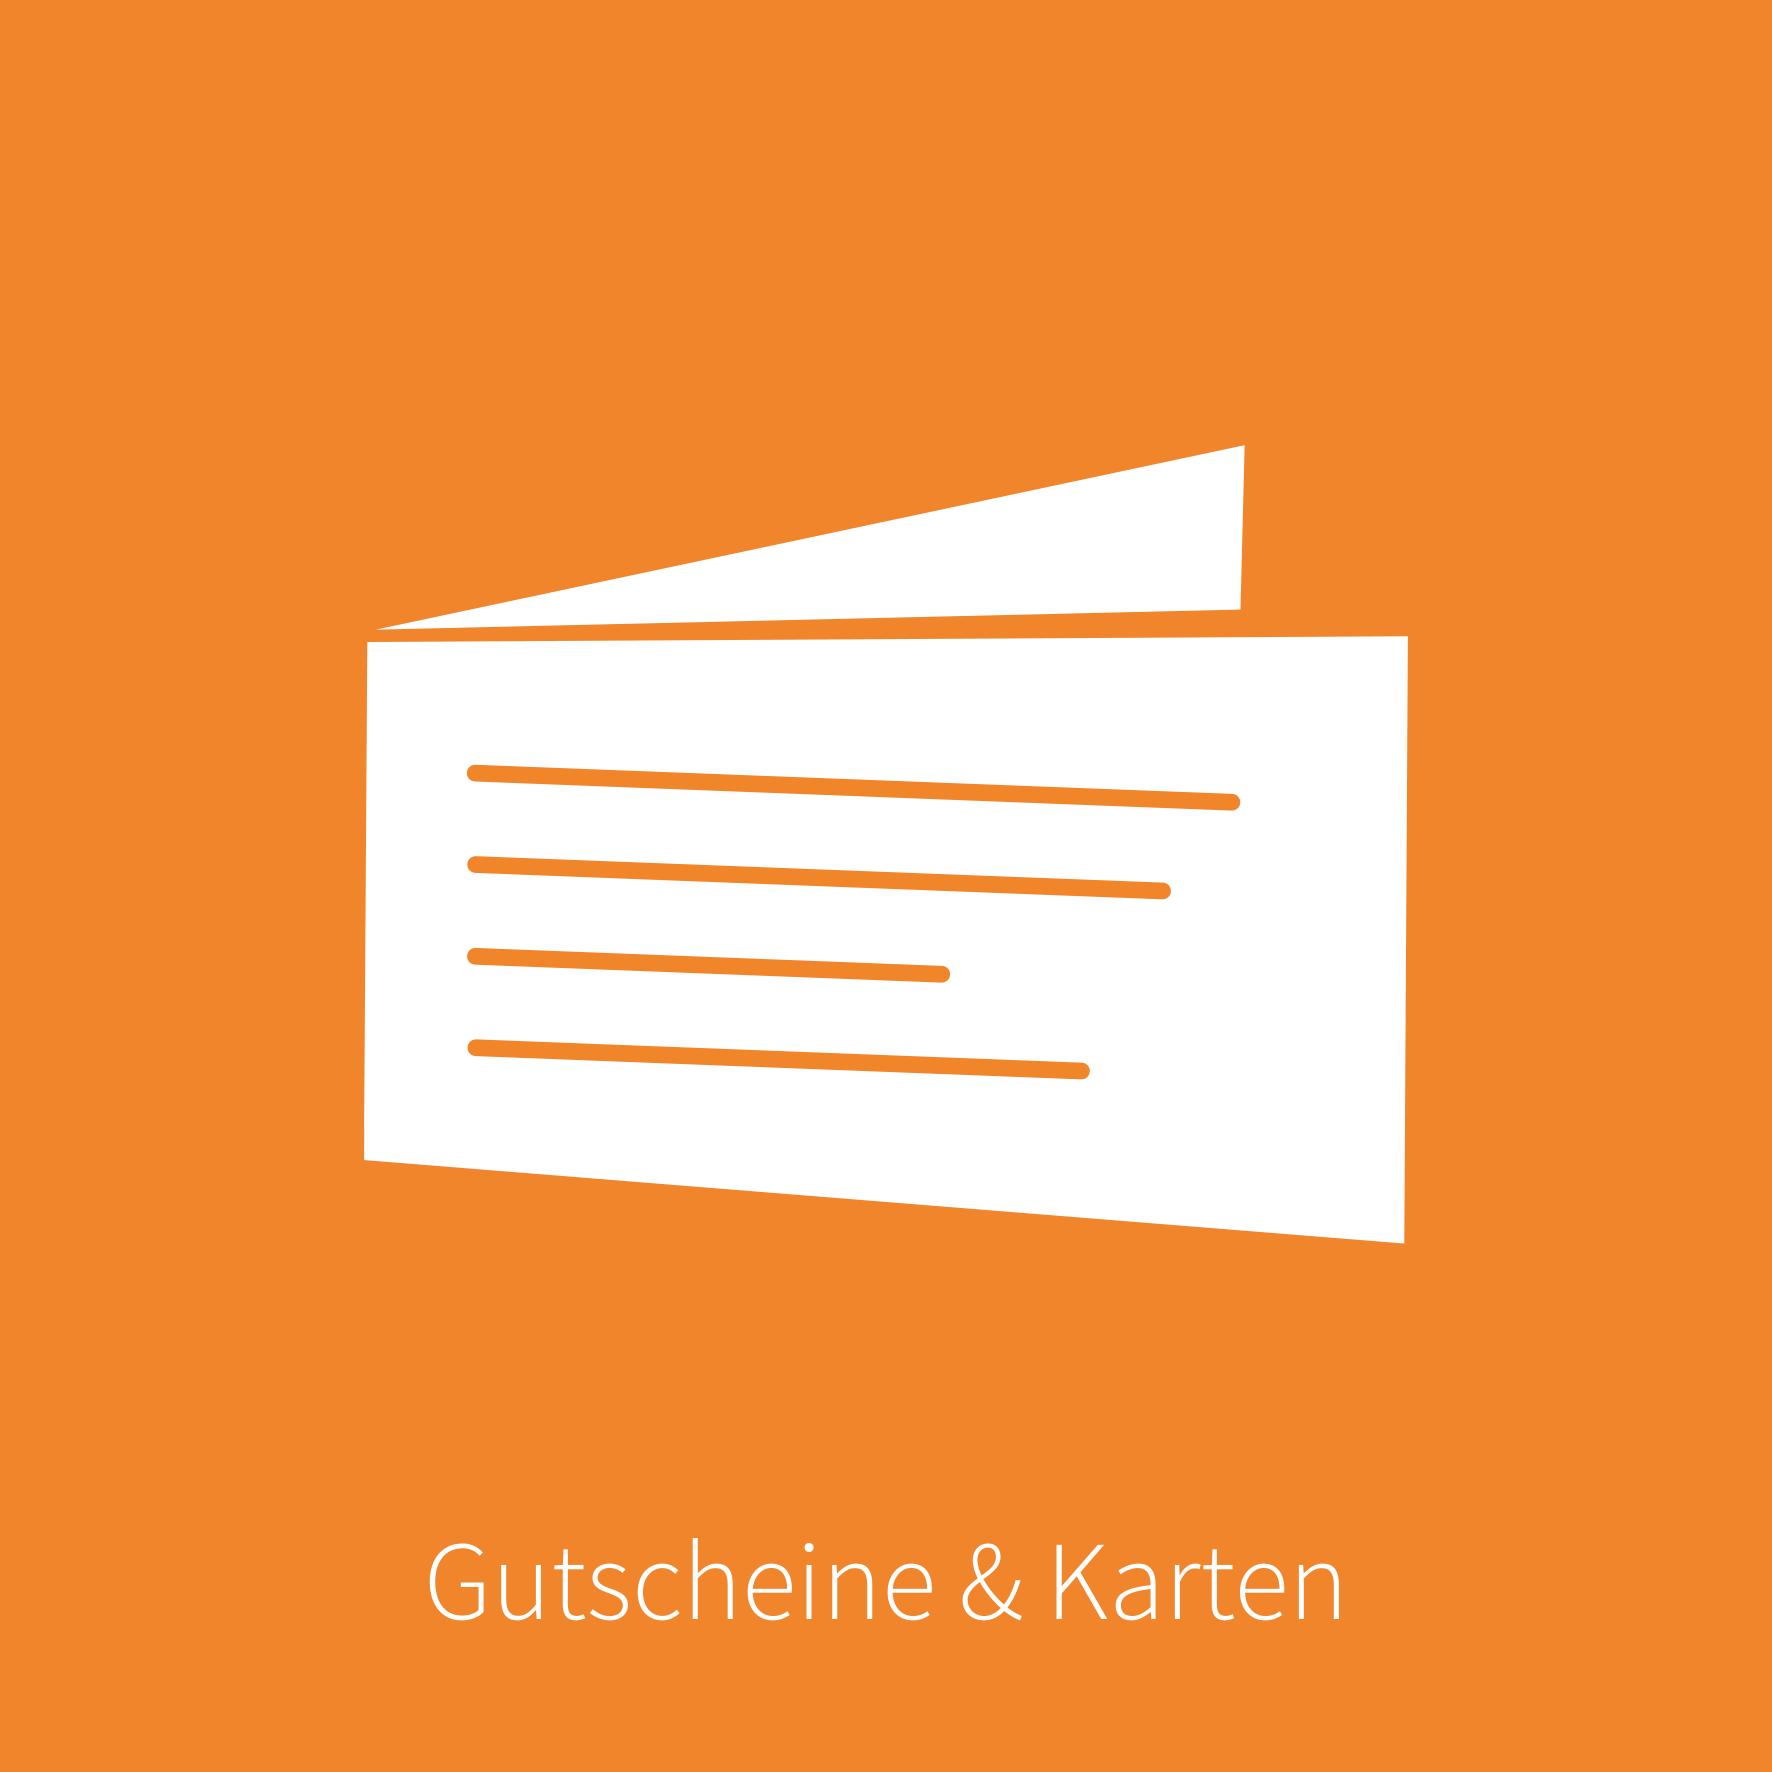 Gutscheine & Karten